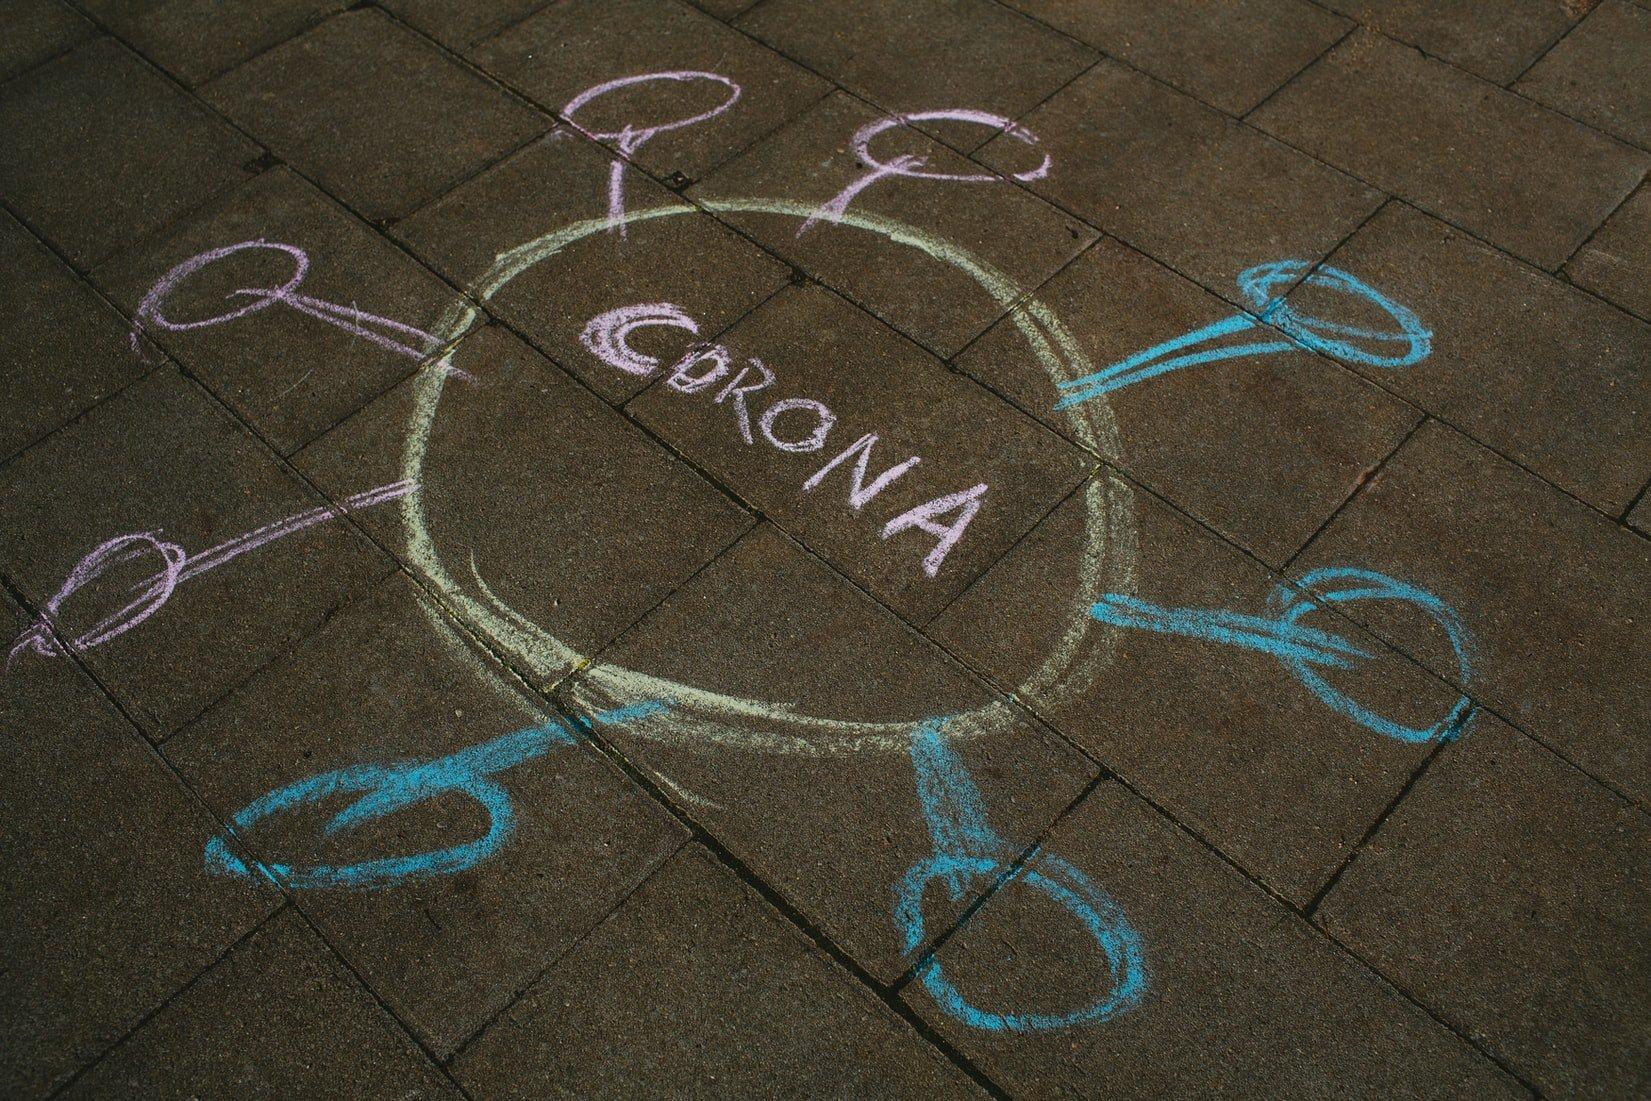 COVID 19 conspiracies